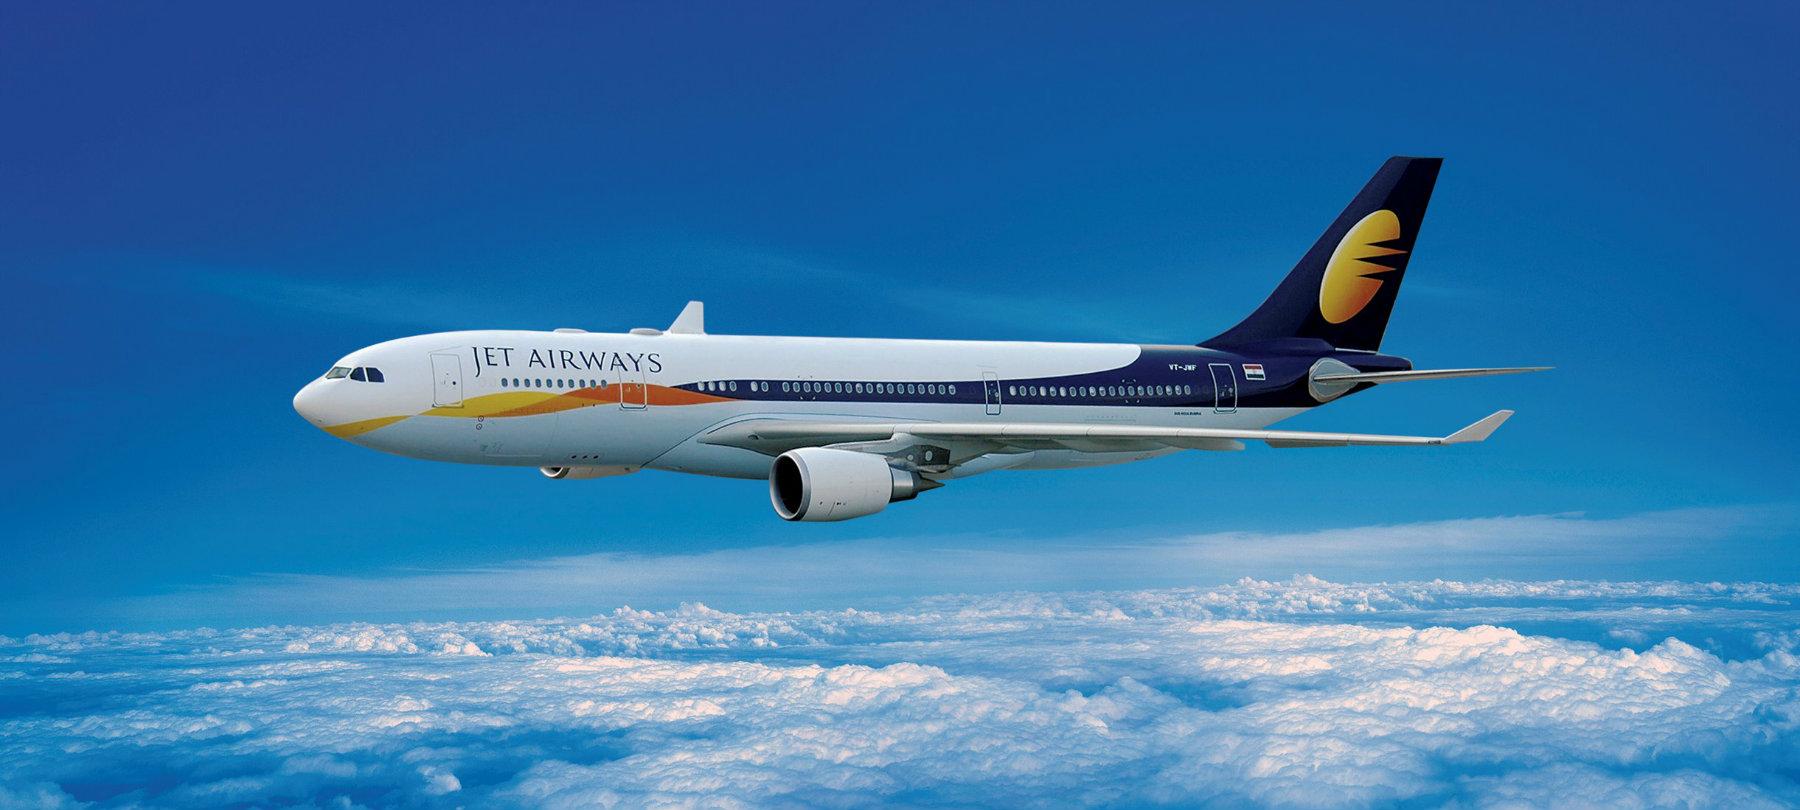 Jet Airways plane in route to destination